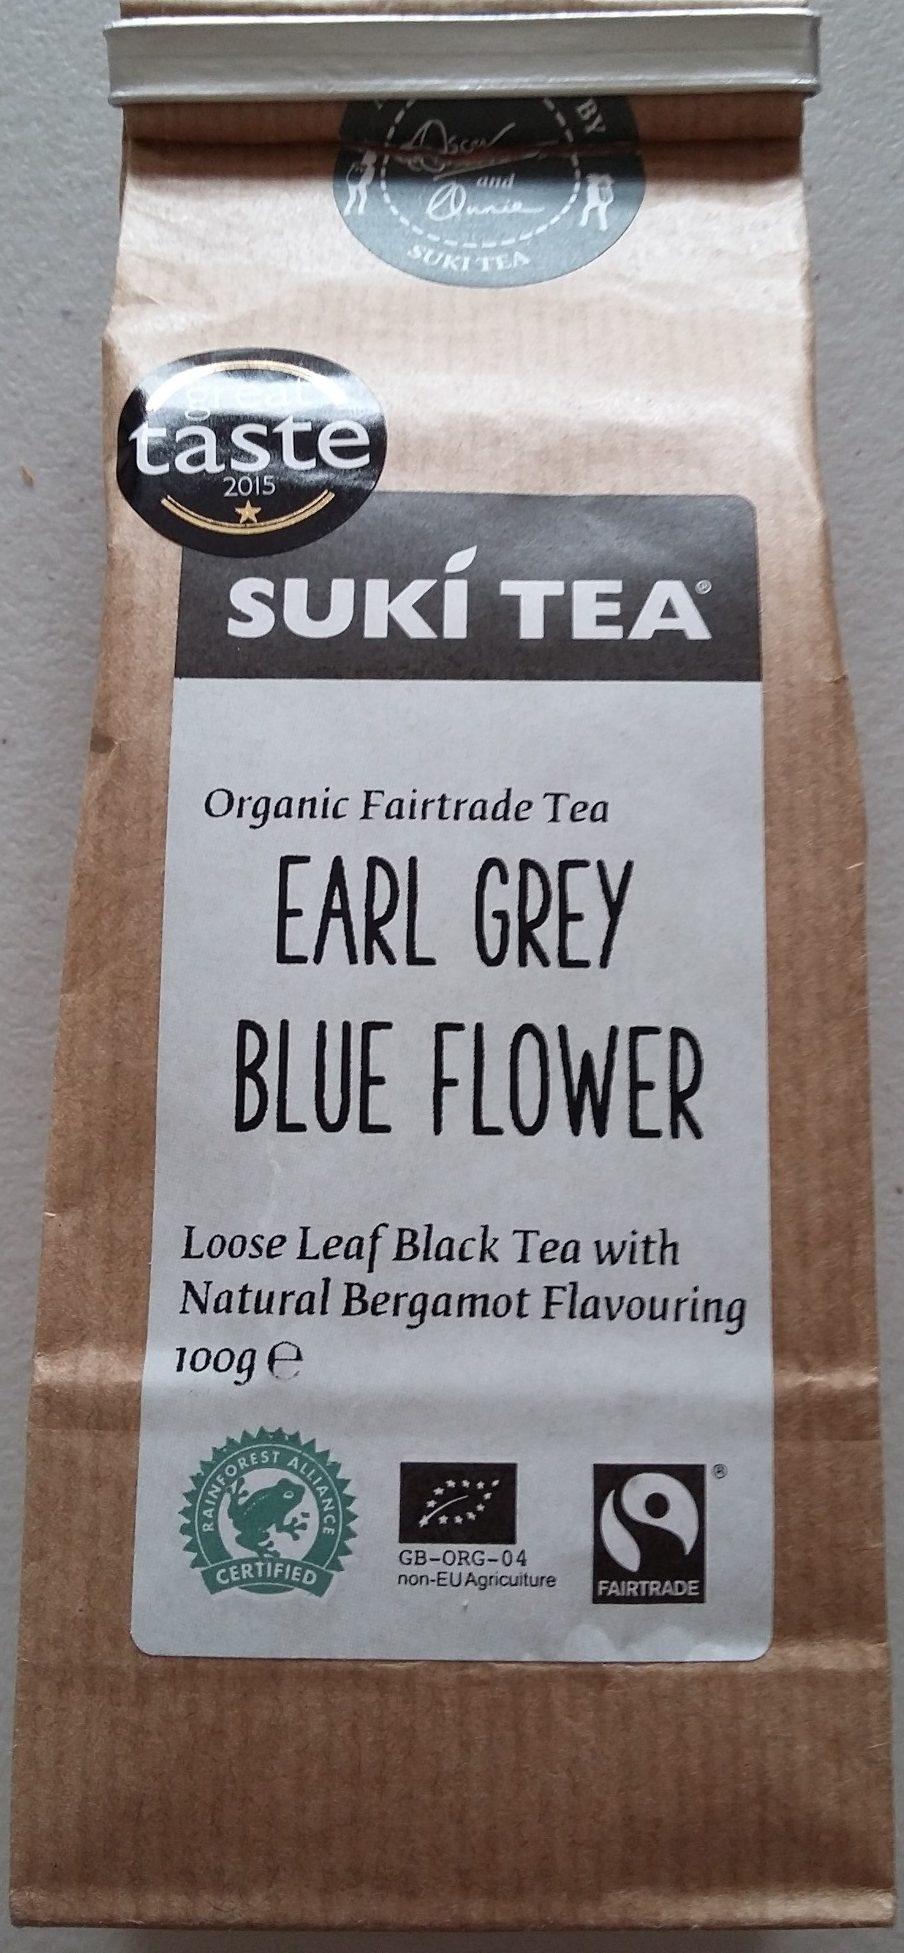 Suki Tea Earl Grey Blue Flower - Product - en